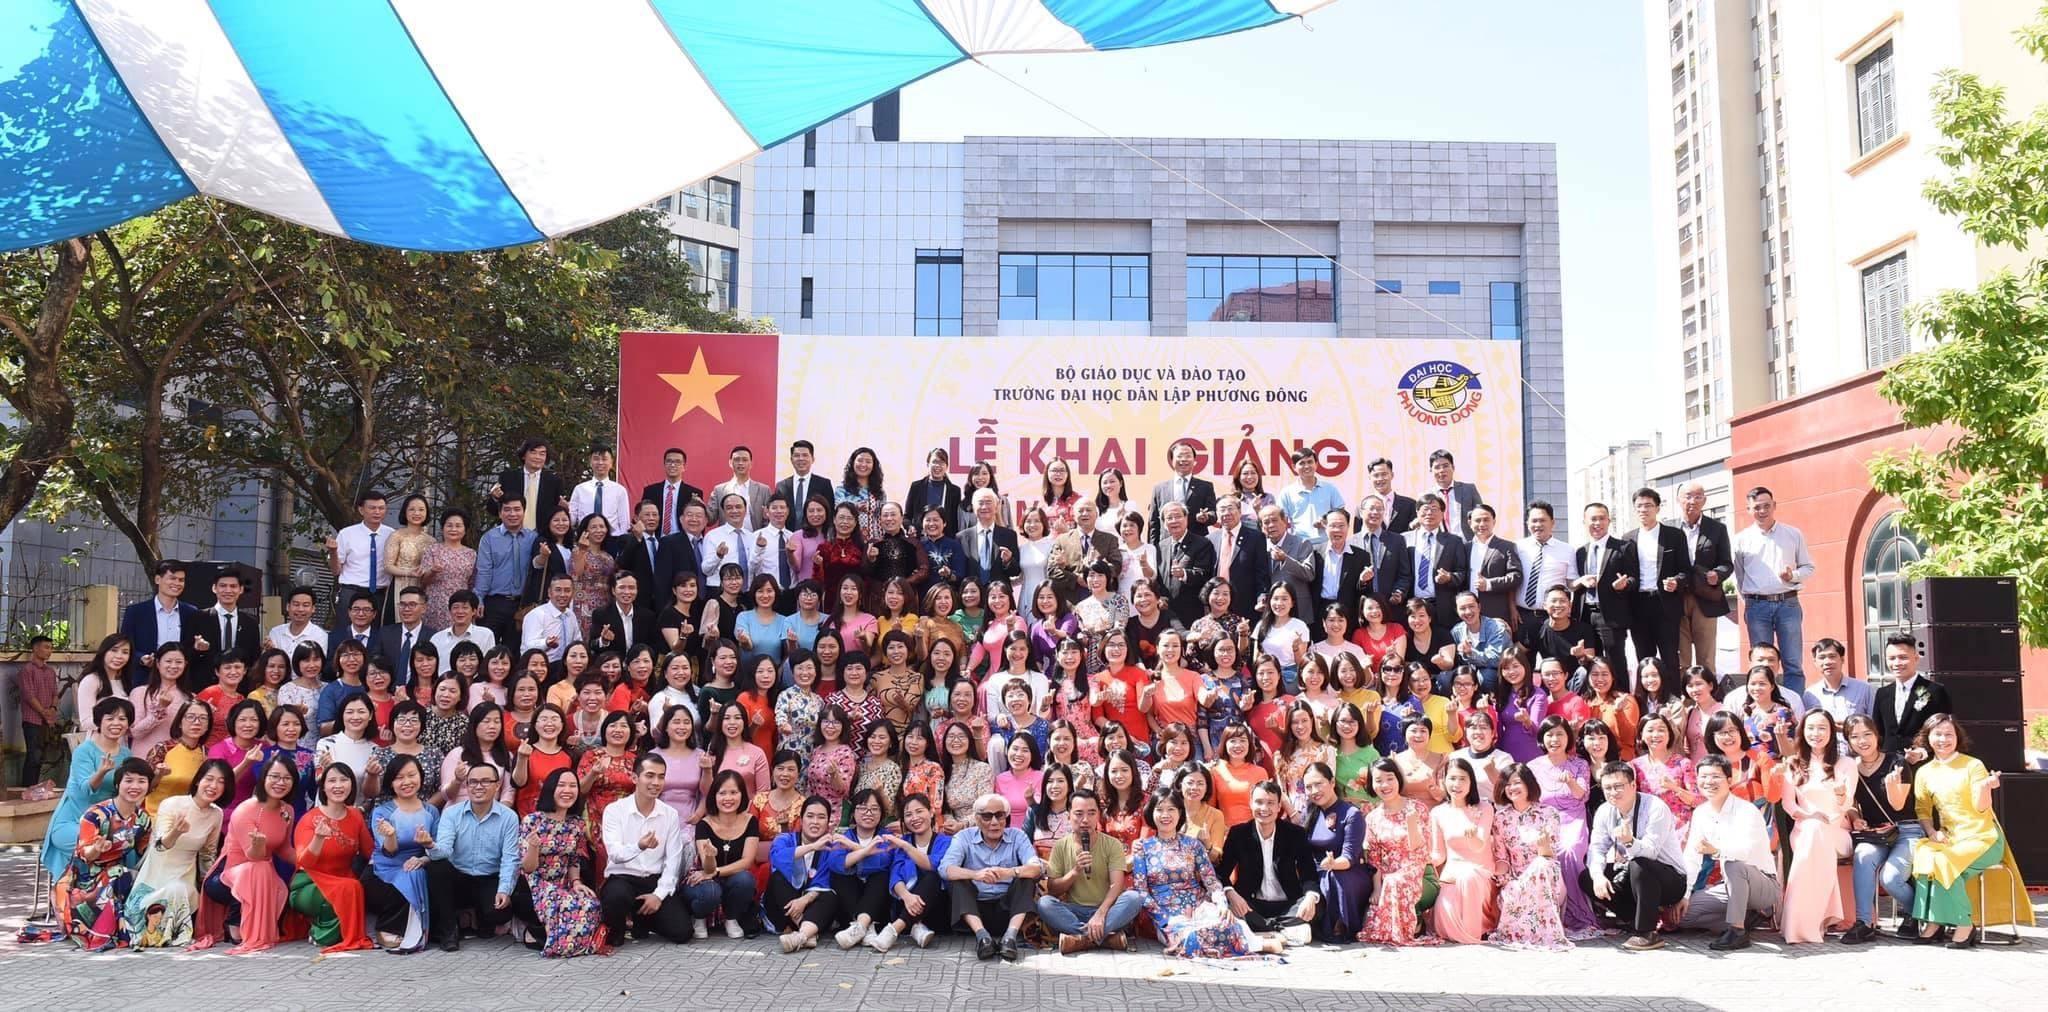 Trường Đại học Phương Đông tổ chức lễ khai giảng năm học 2020-2021 và kỷ niệm 26 năm thành lập Trường